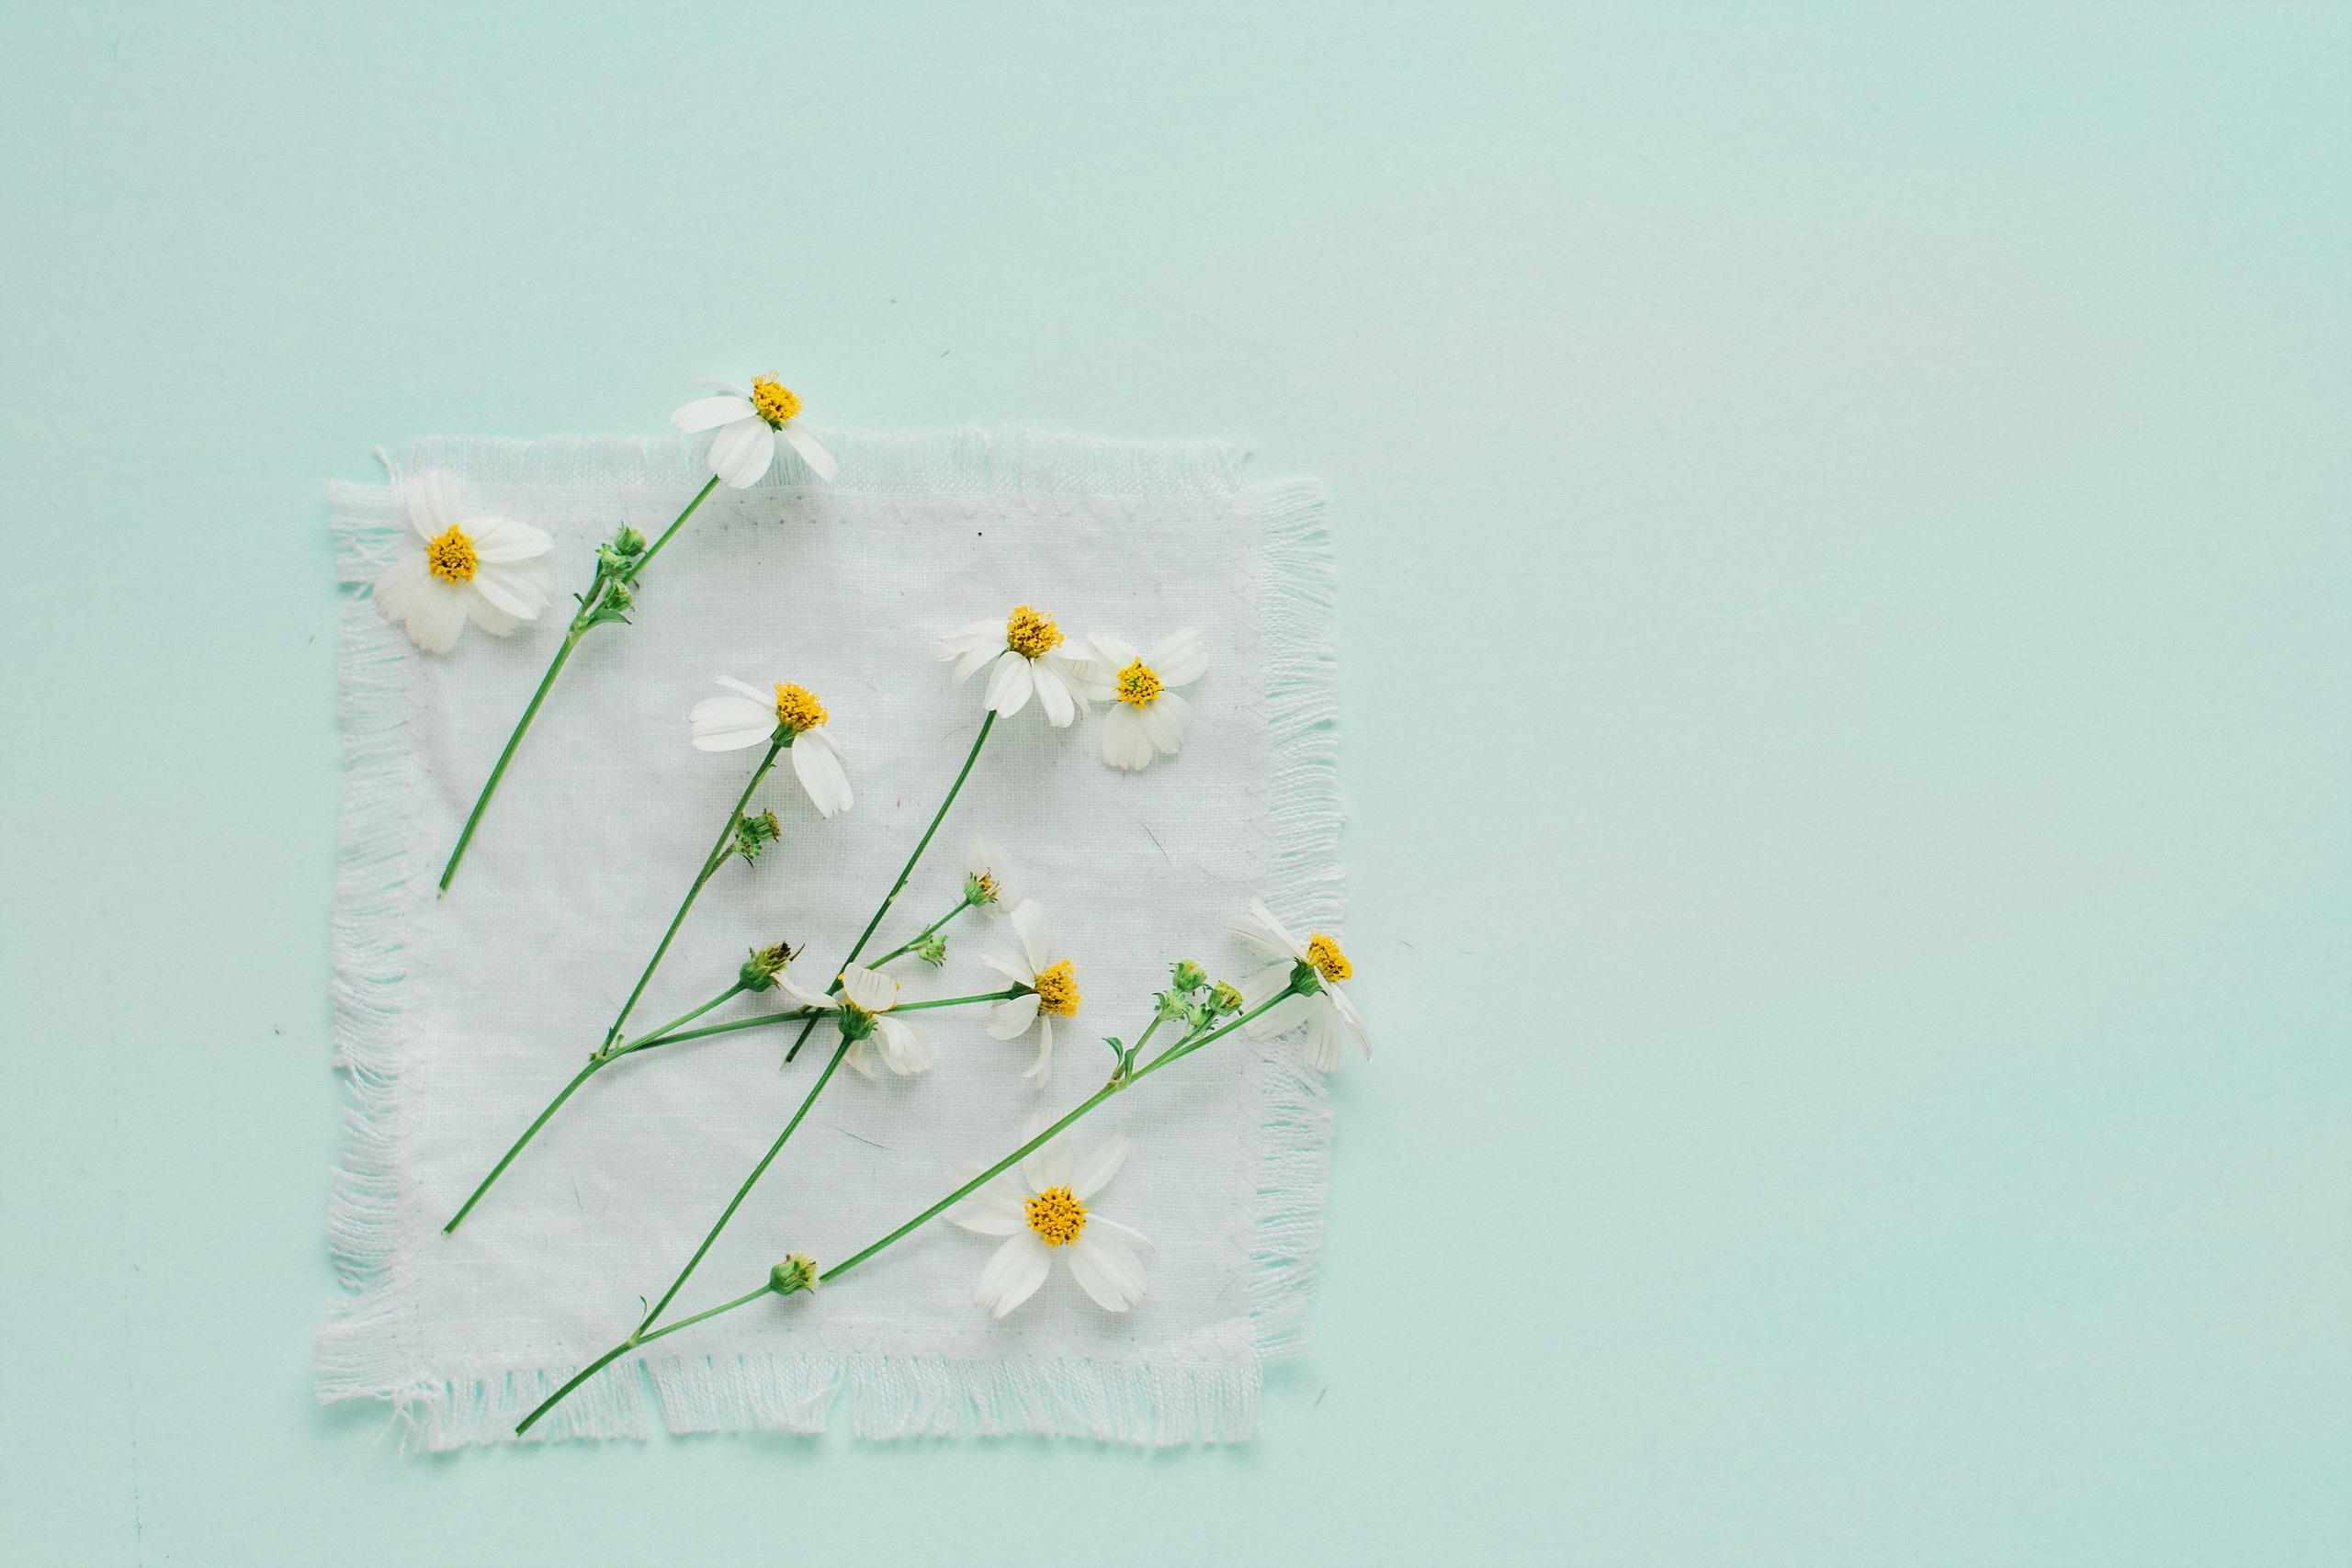 картинка весна минимализм найдена одна статья